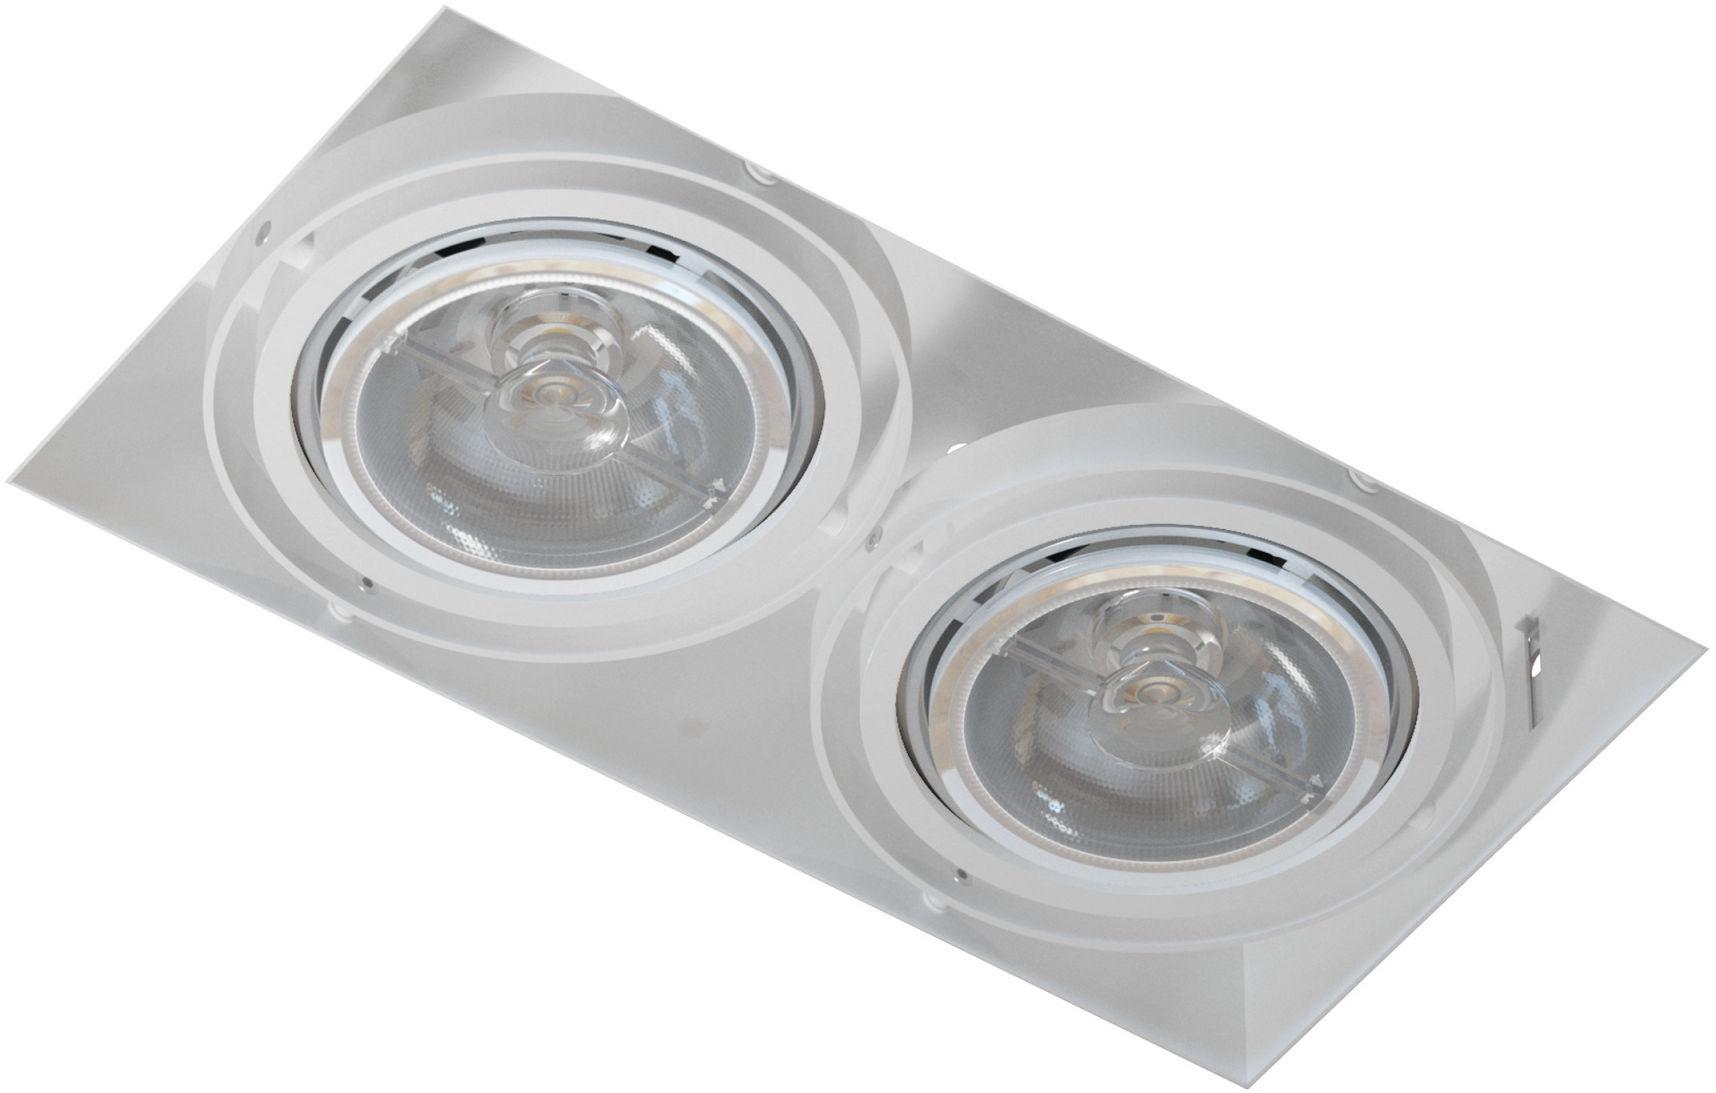 Oprawa wpuszczana bezramkowa podwójna Mara T018PB2Bh117 Cleoni nowoczesna lampa sufitowa